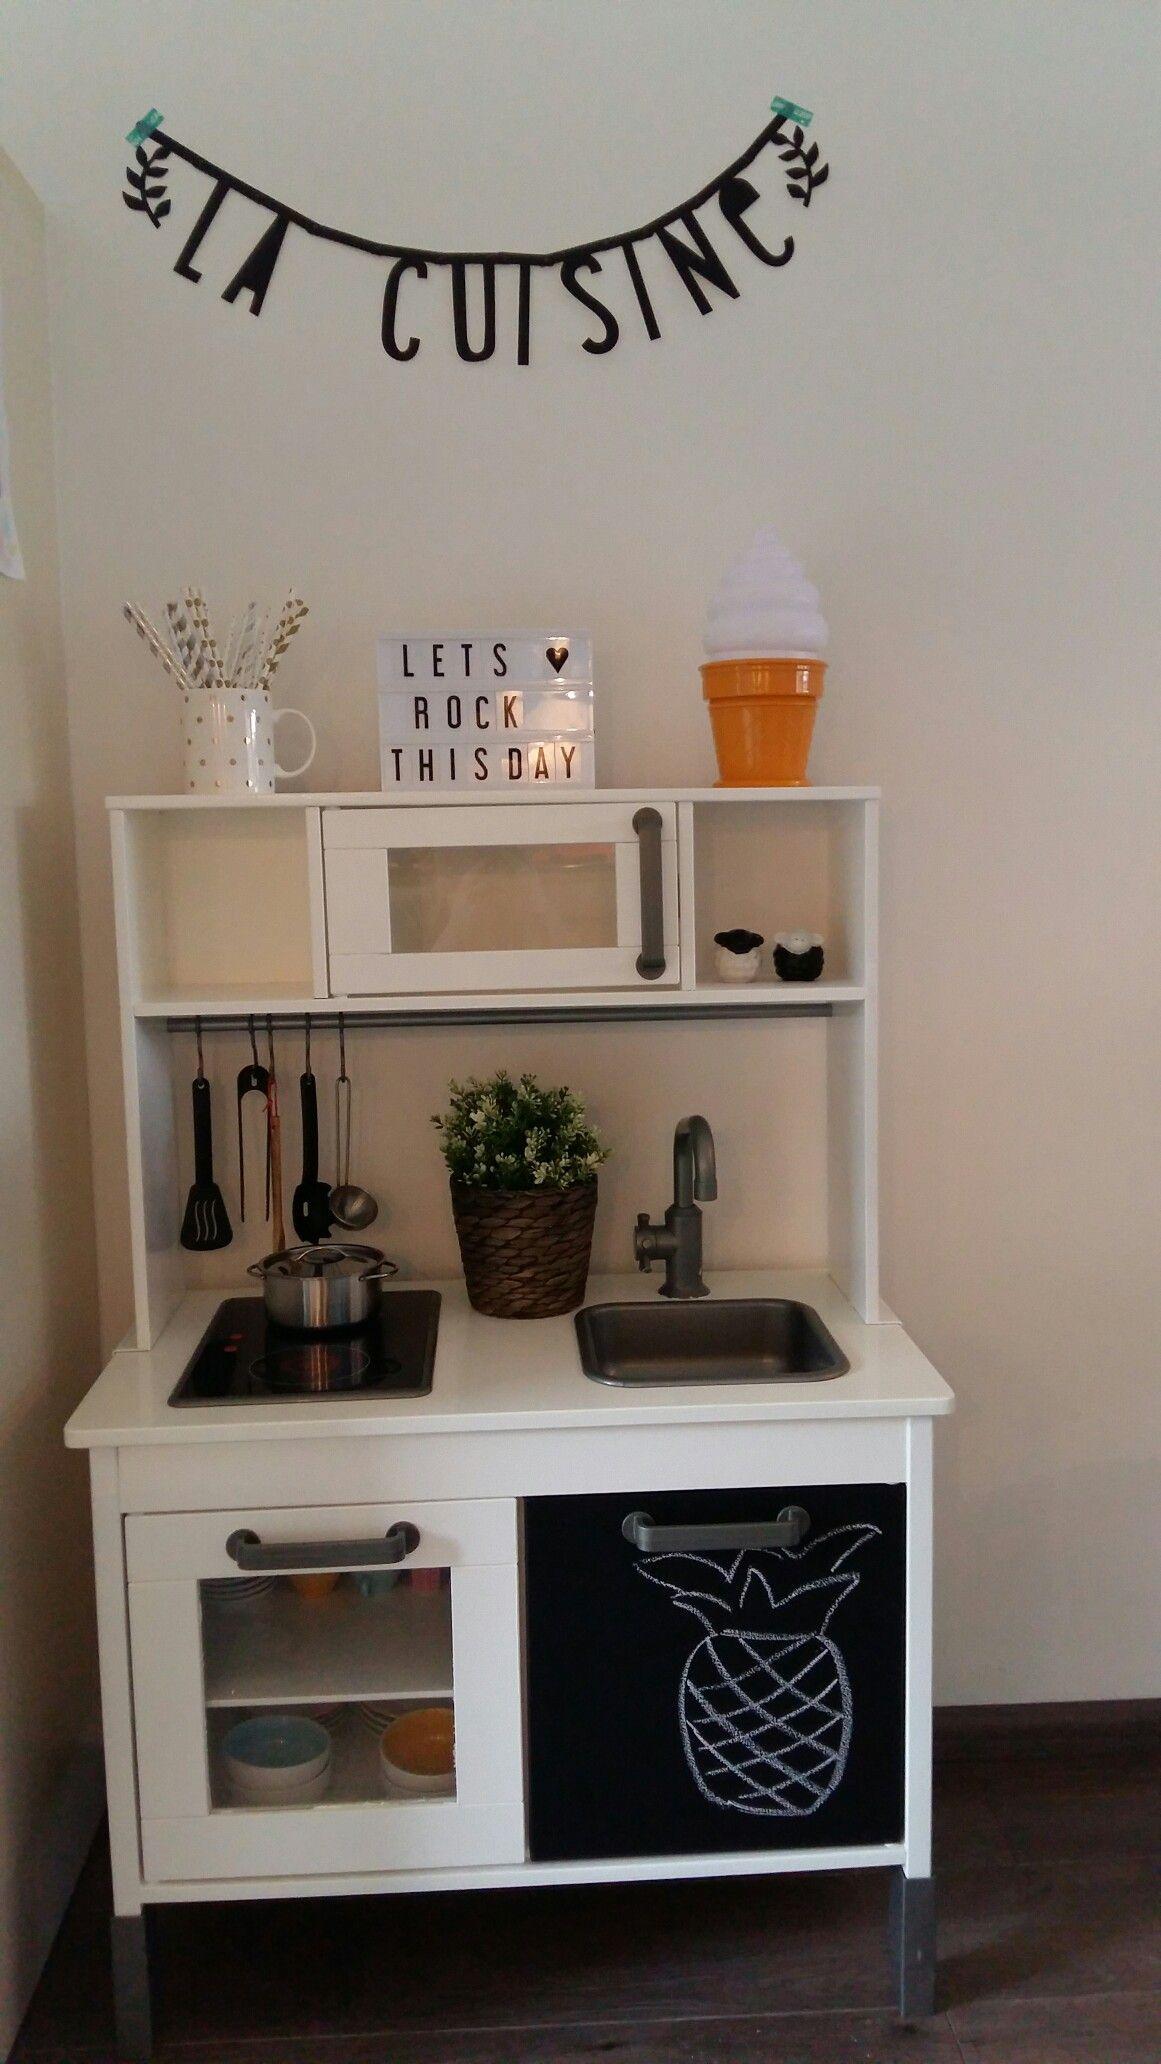 ikea duktig haus kinderzimmer ikea k che kinderzimmer und kinder zimmer. Black Bedroom Furniture Sets. Home Design Ideas